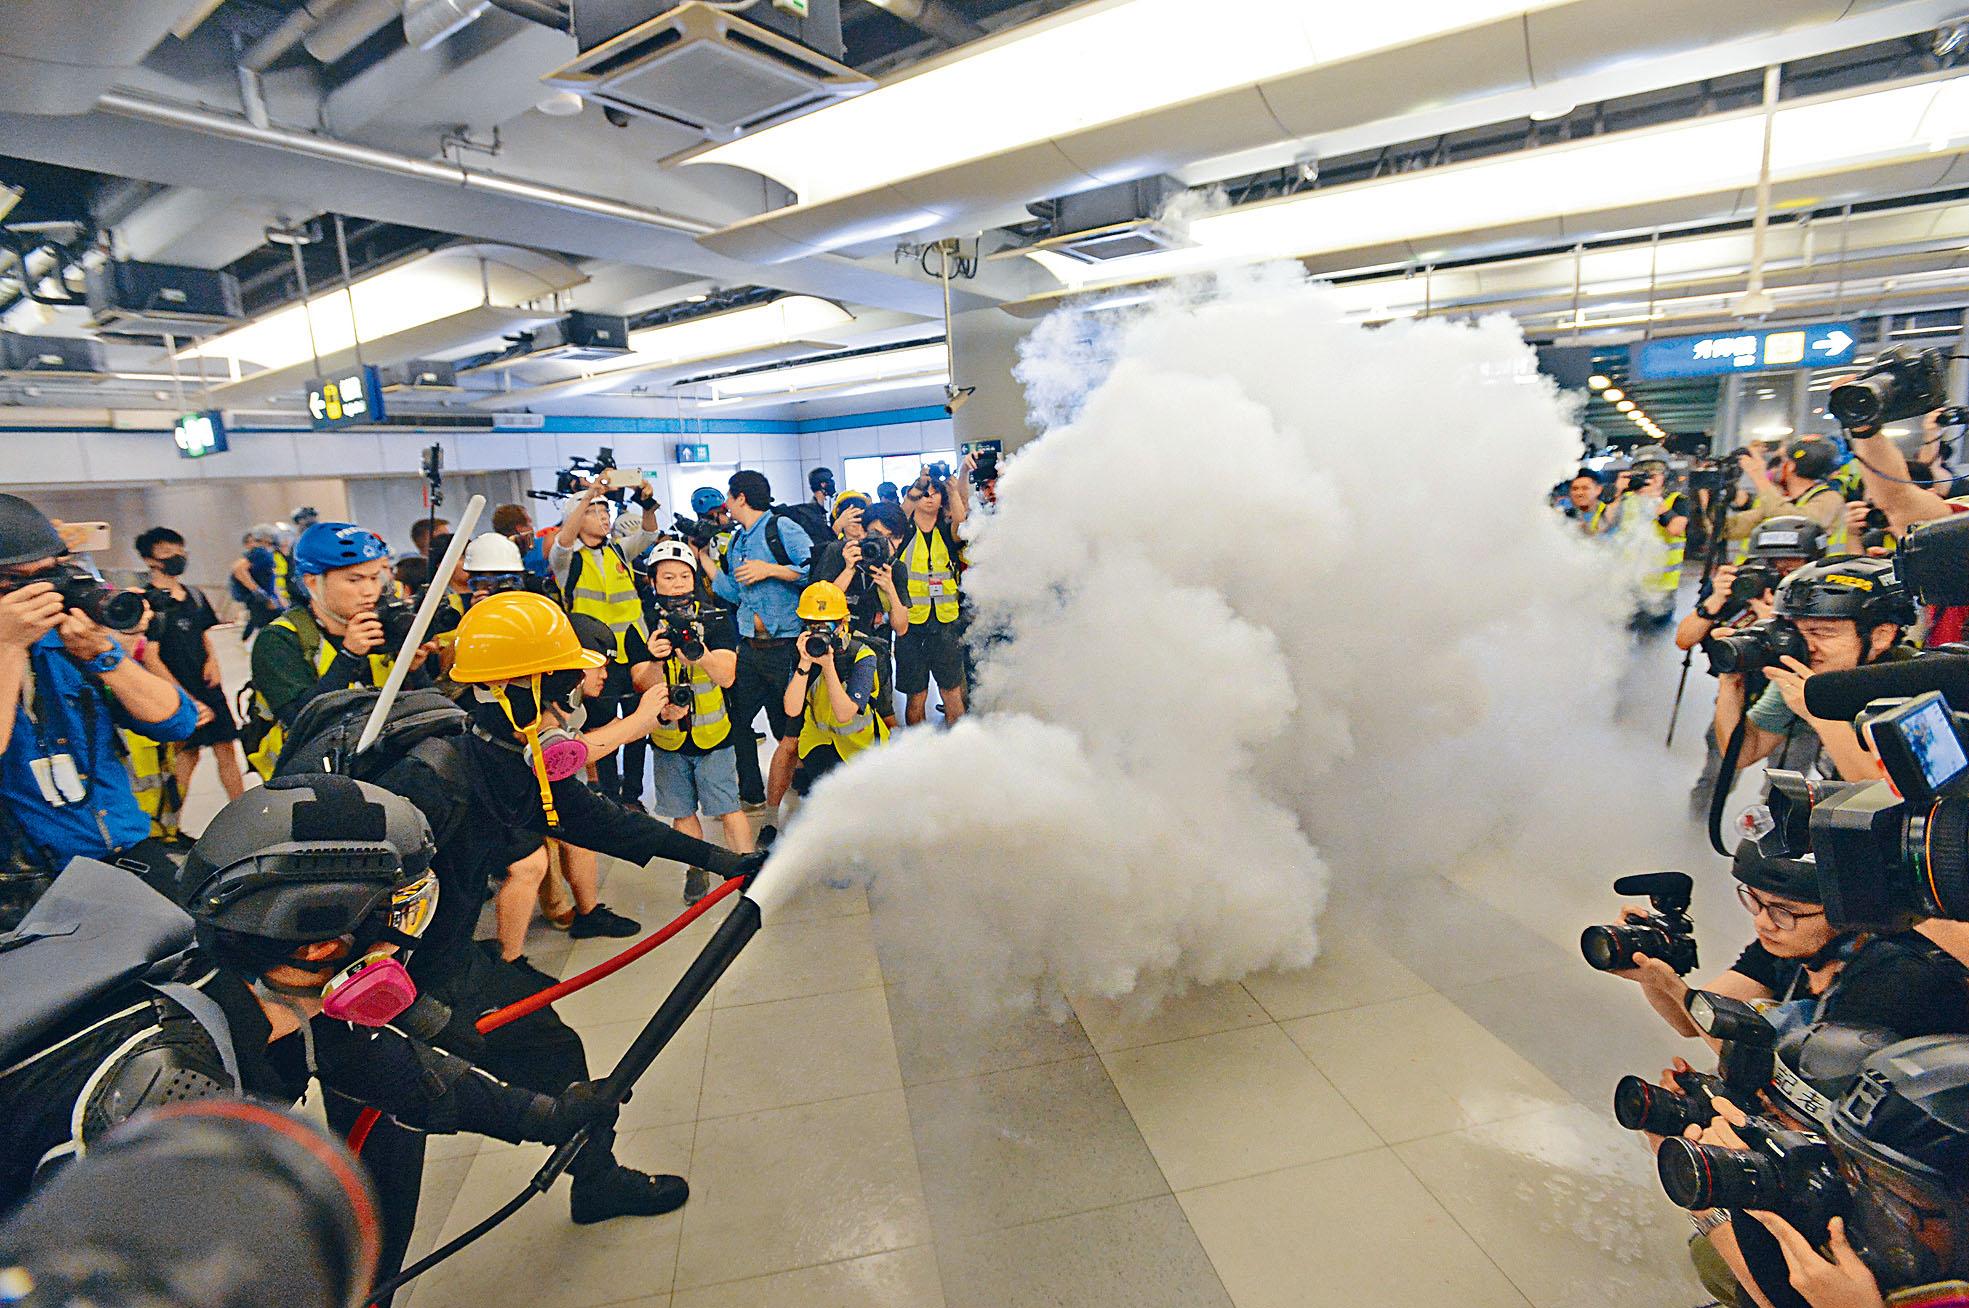 激進示威者在西鐵元朗站噴滅火筒,令站內煙霧瀰漫。黃賢創攝